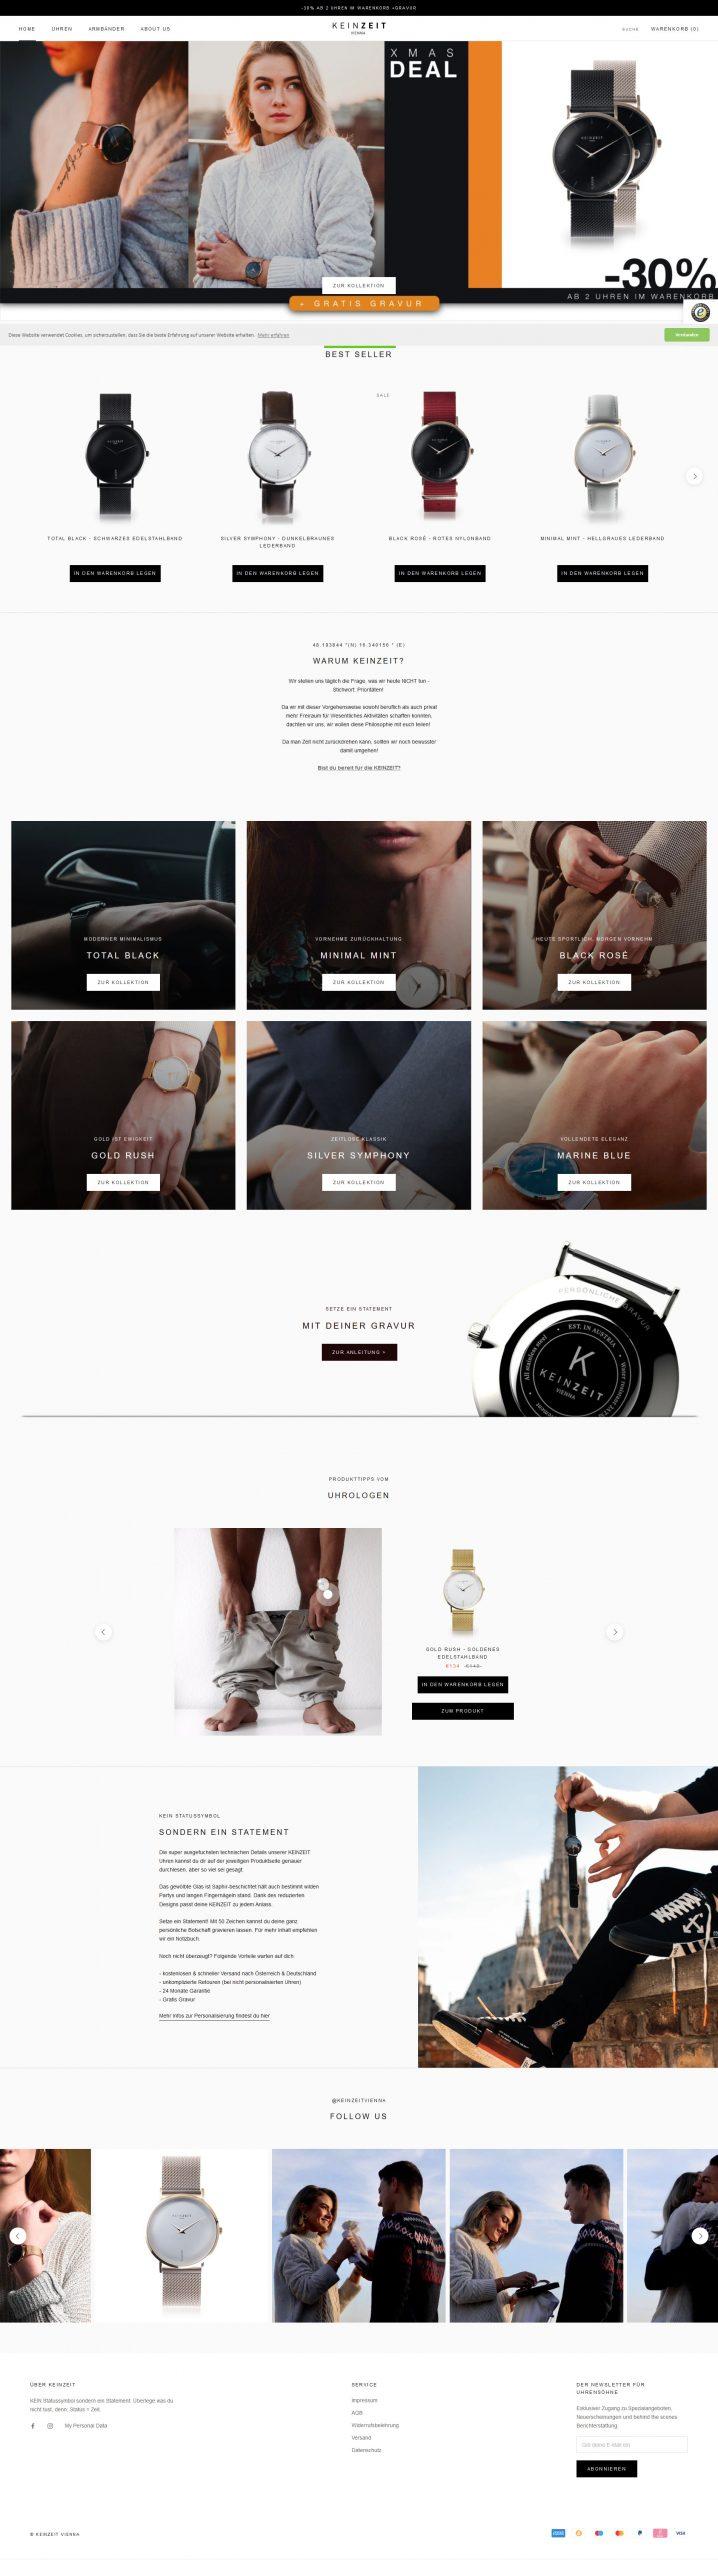 TechChild IntelliChance KEINZEIT Vienna Uhren